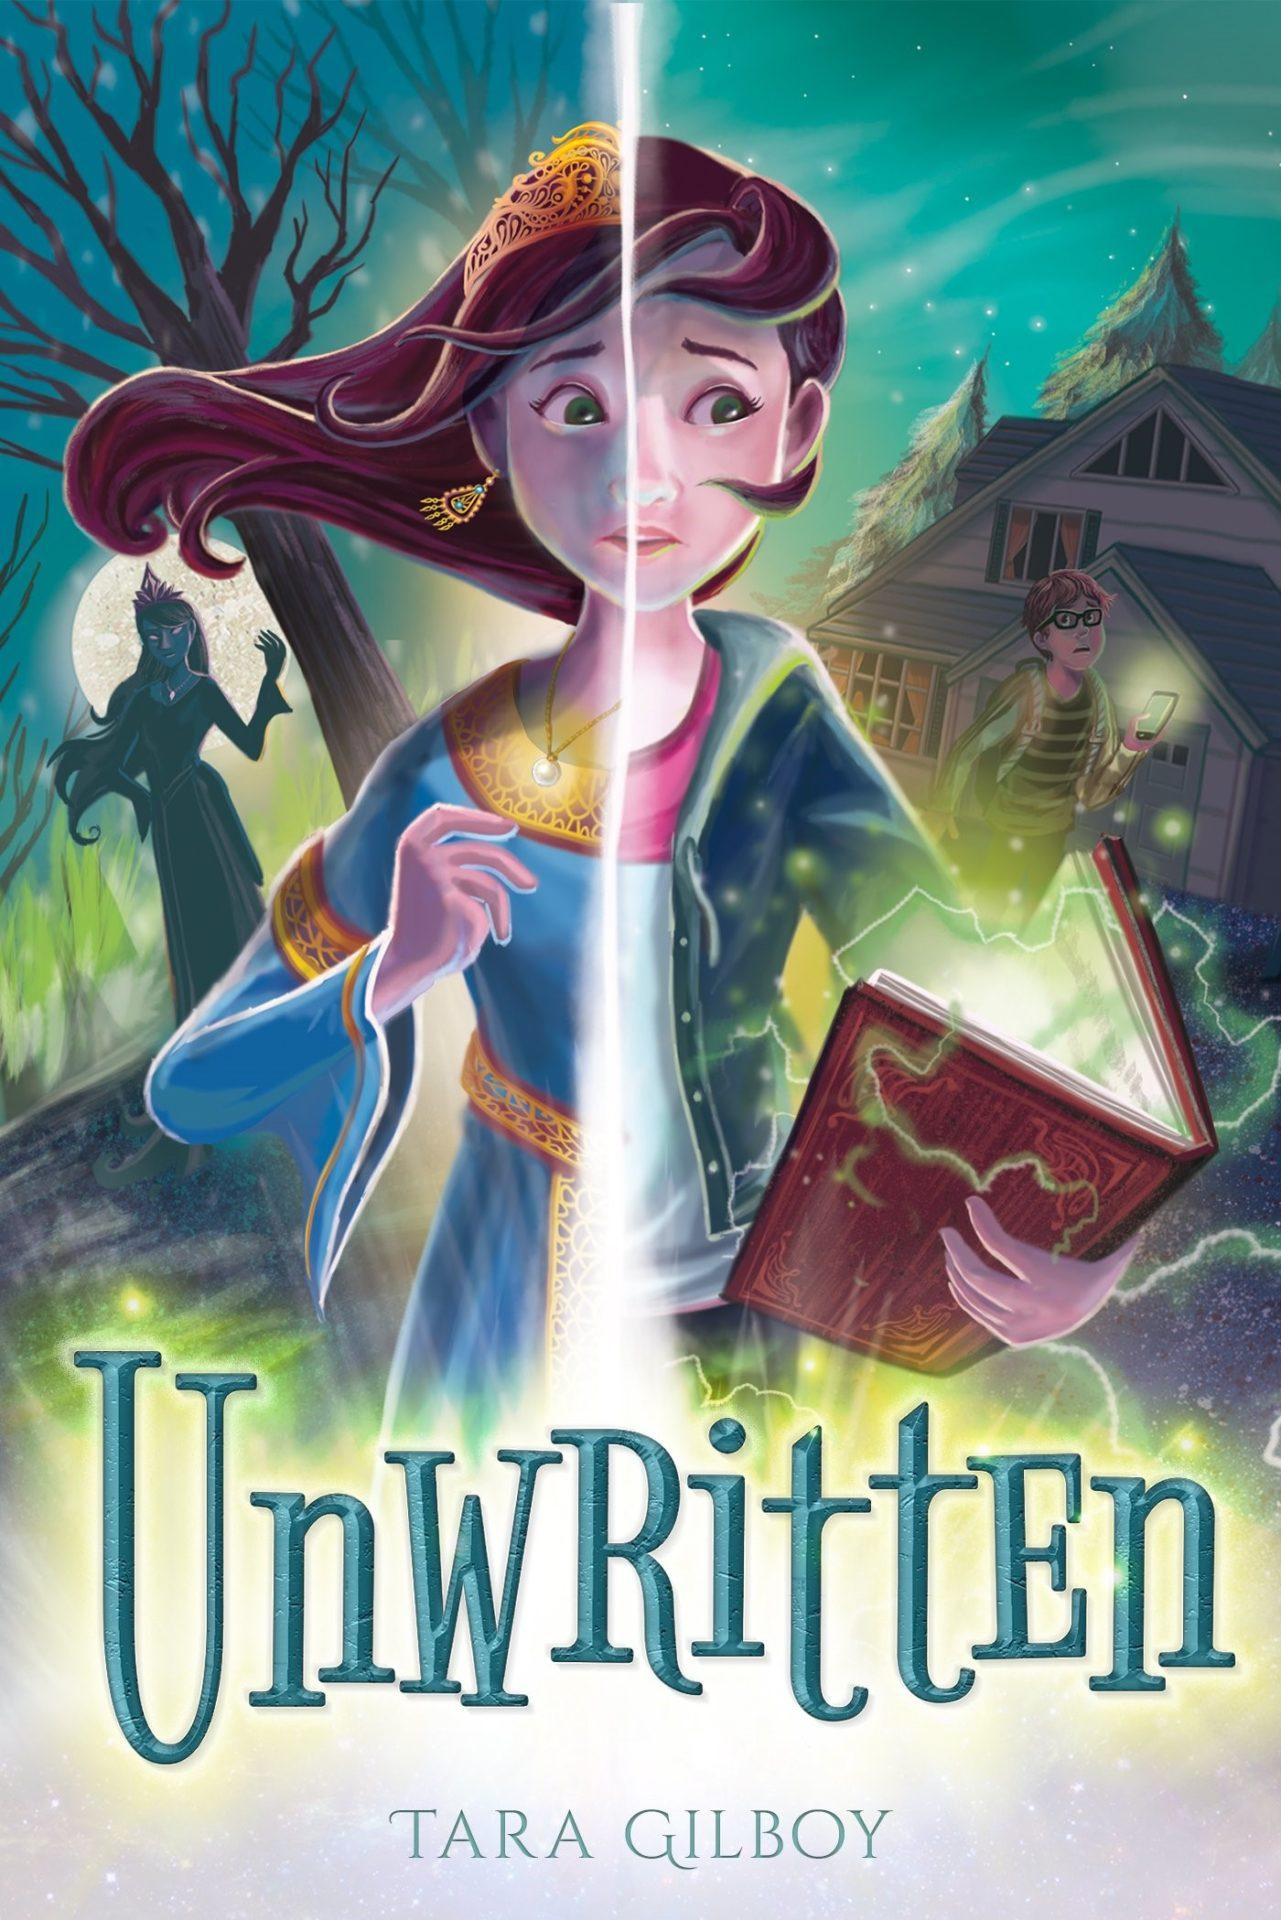 Unwritten y Rewritten – Tara Gilboy